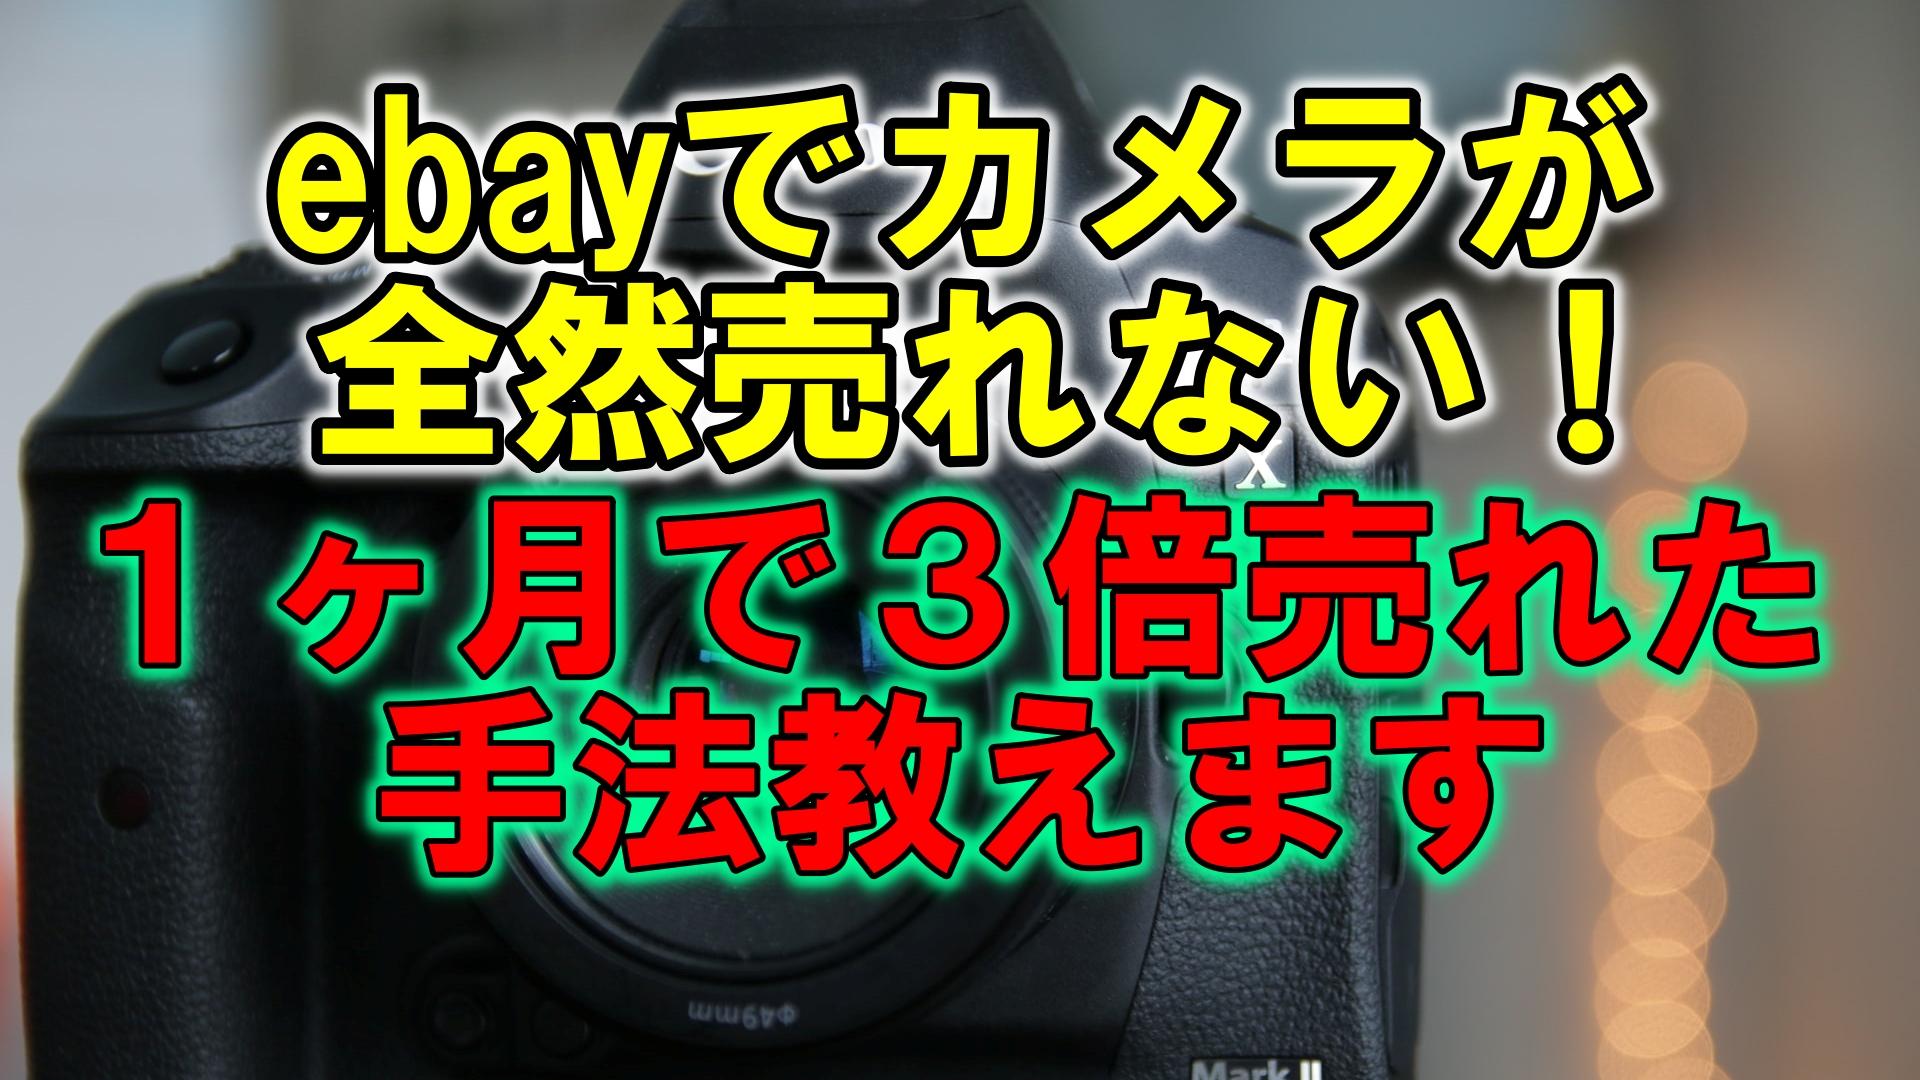 ebayでカメラが全く売れないあなたへ。1ヶ月で3倍売った方法教えます。